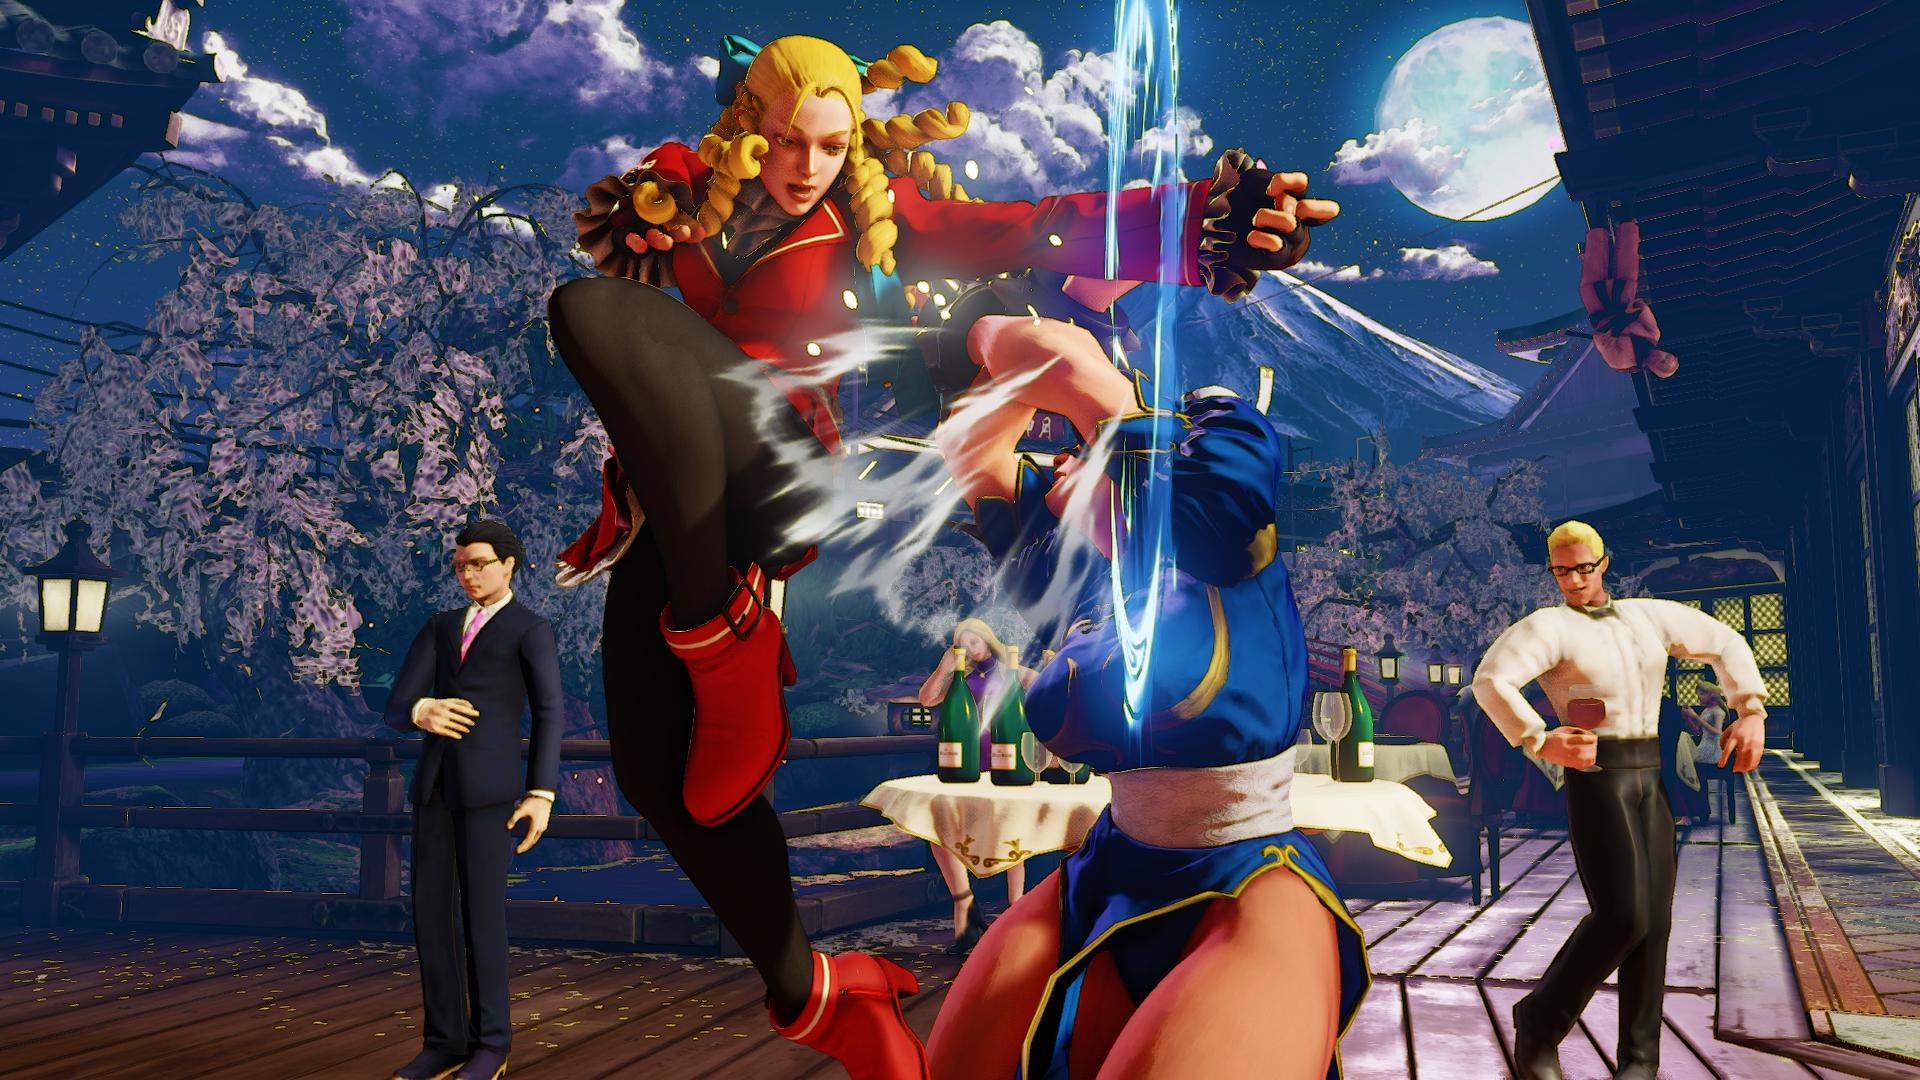 Seznamte se: Karin Kanzuki z bojovky Street Fighter V 114093